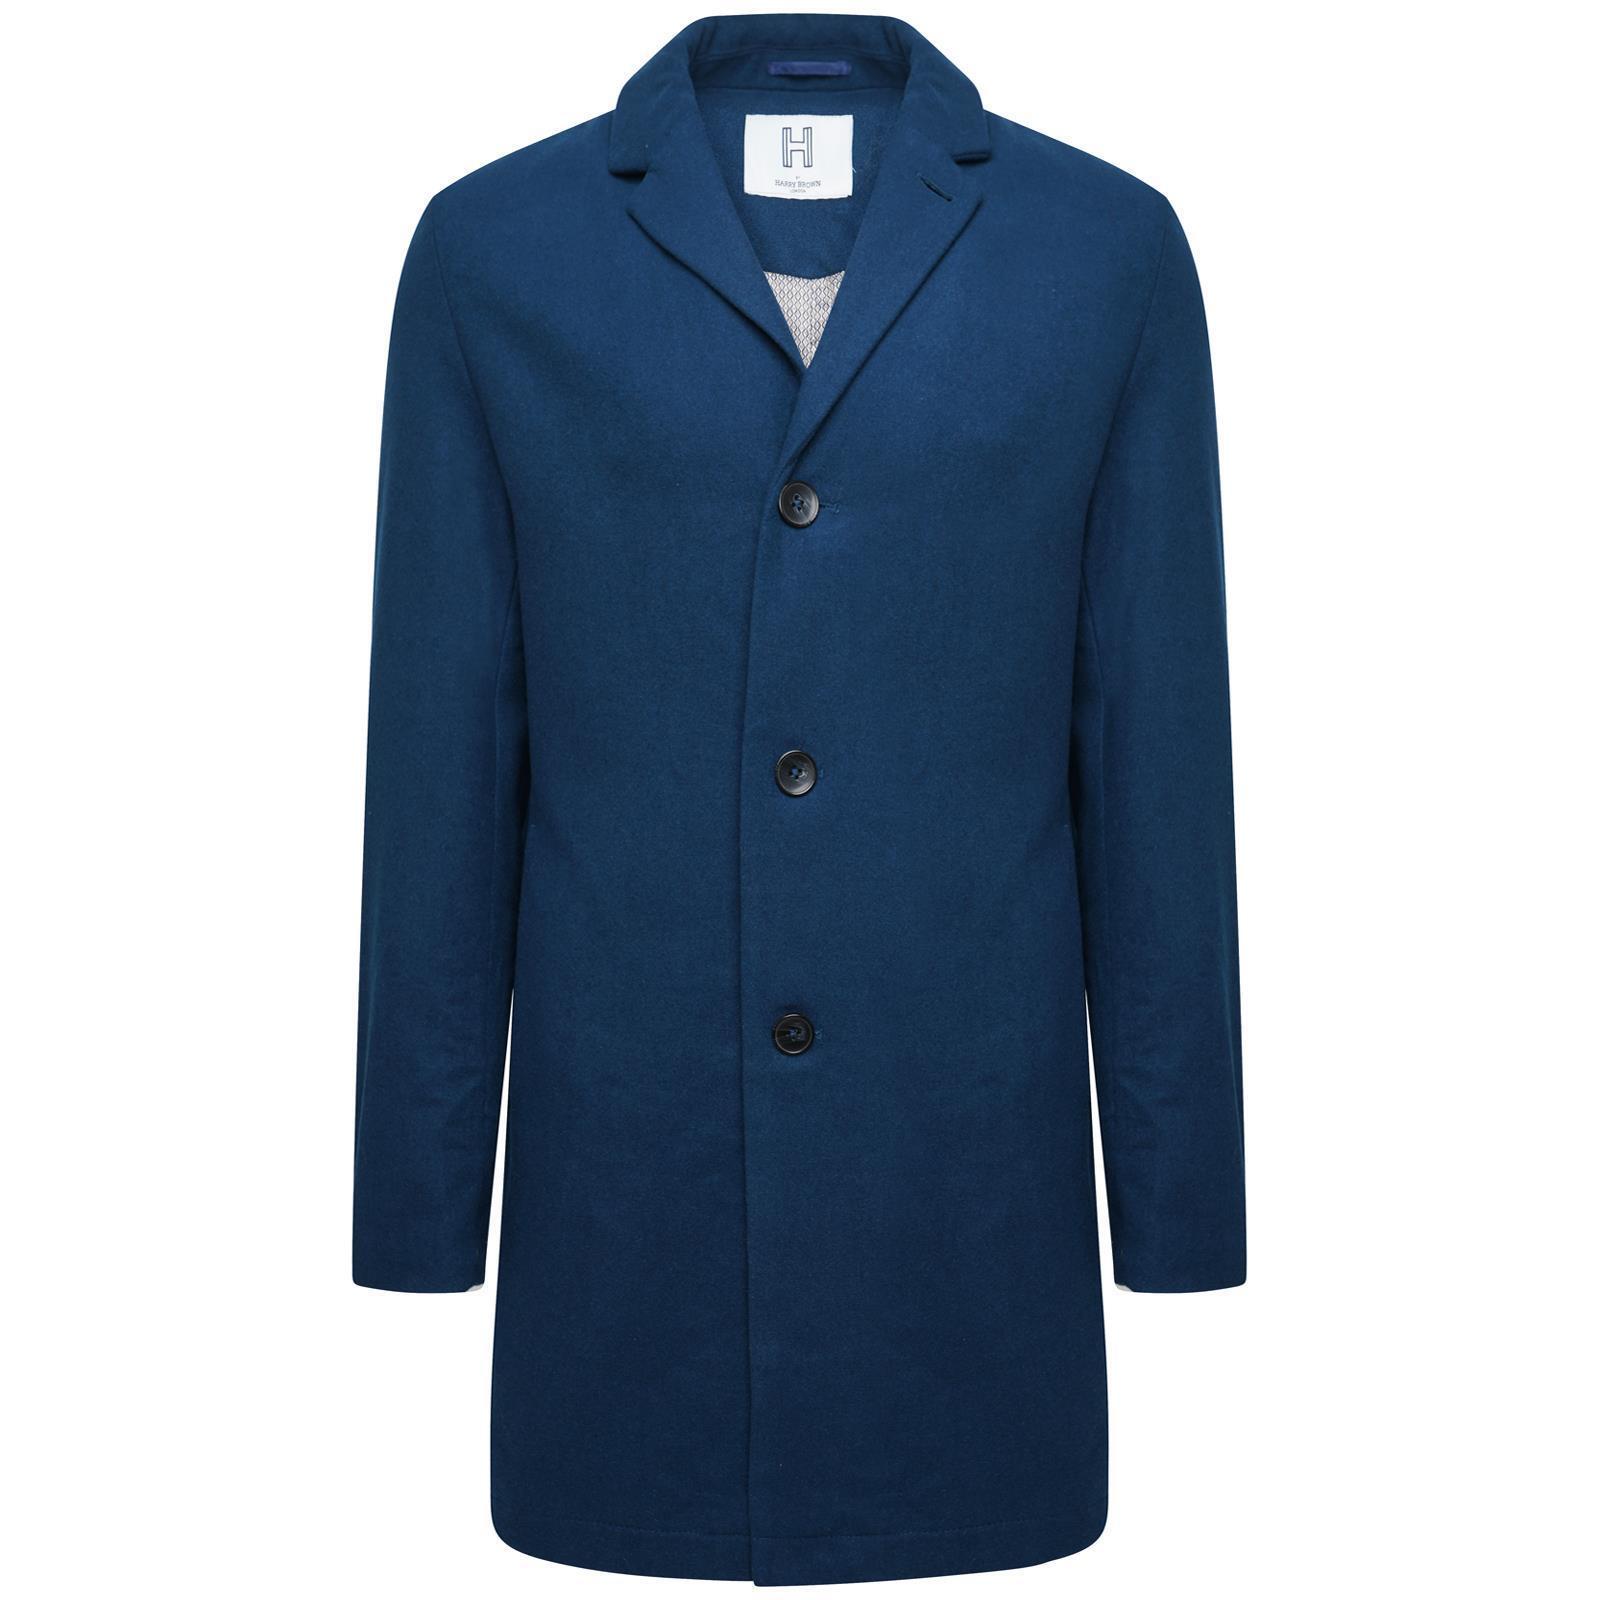 Harry Brown Wool Overcoat in Teal